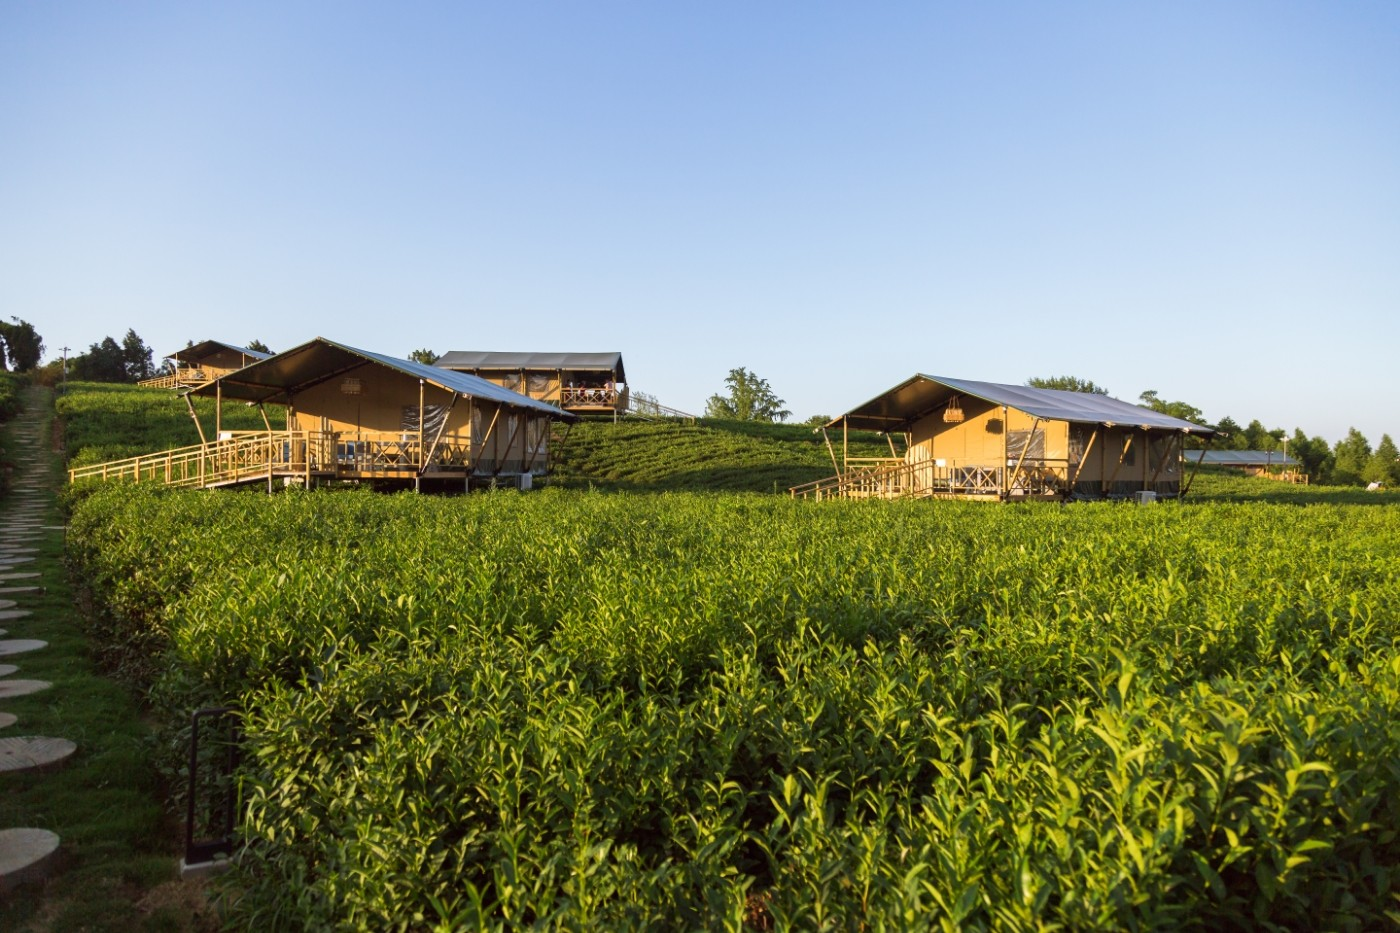 喜马拉雅野奢帐篷酒店—江苏常州茅山宝盛园茶园帐篷酒店16